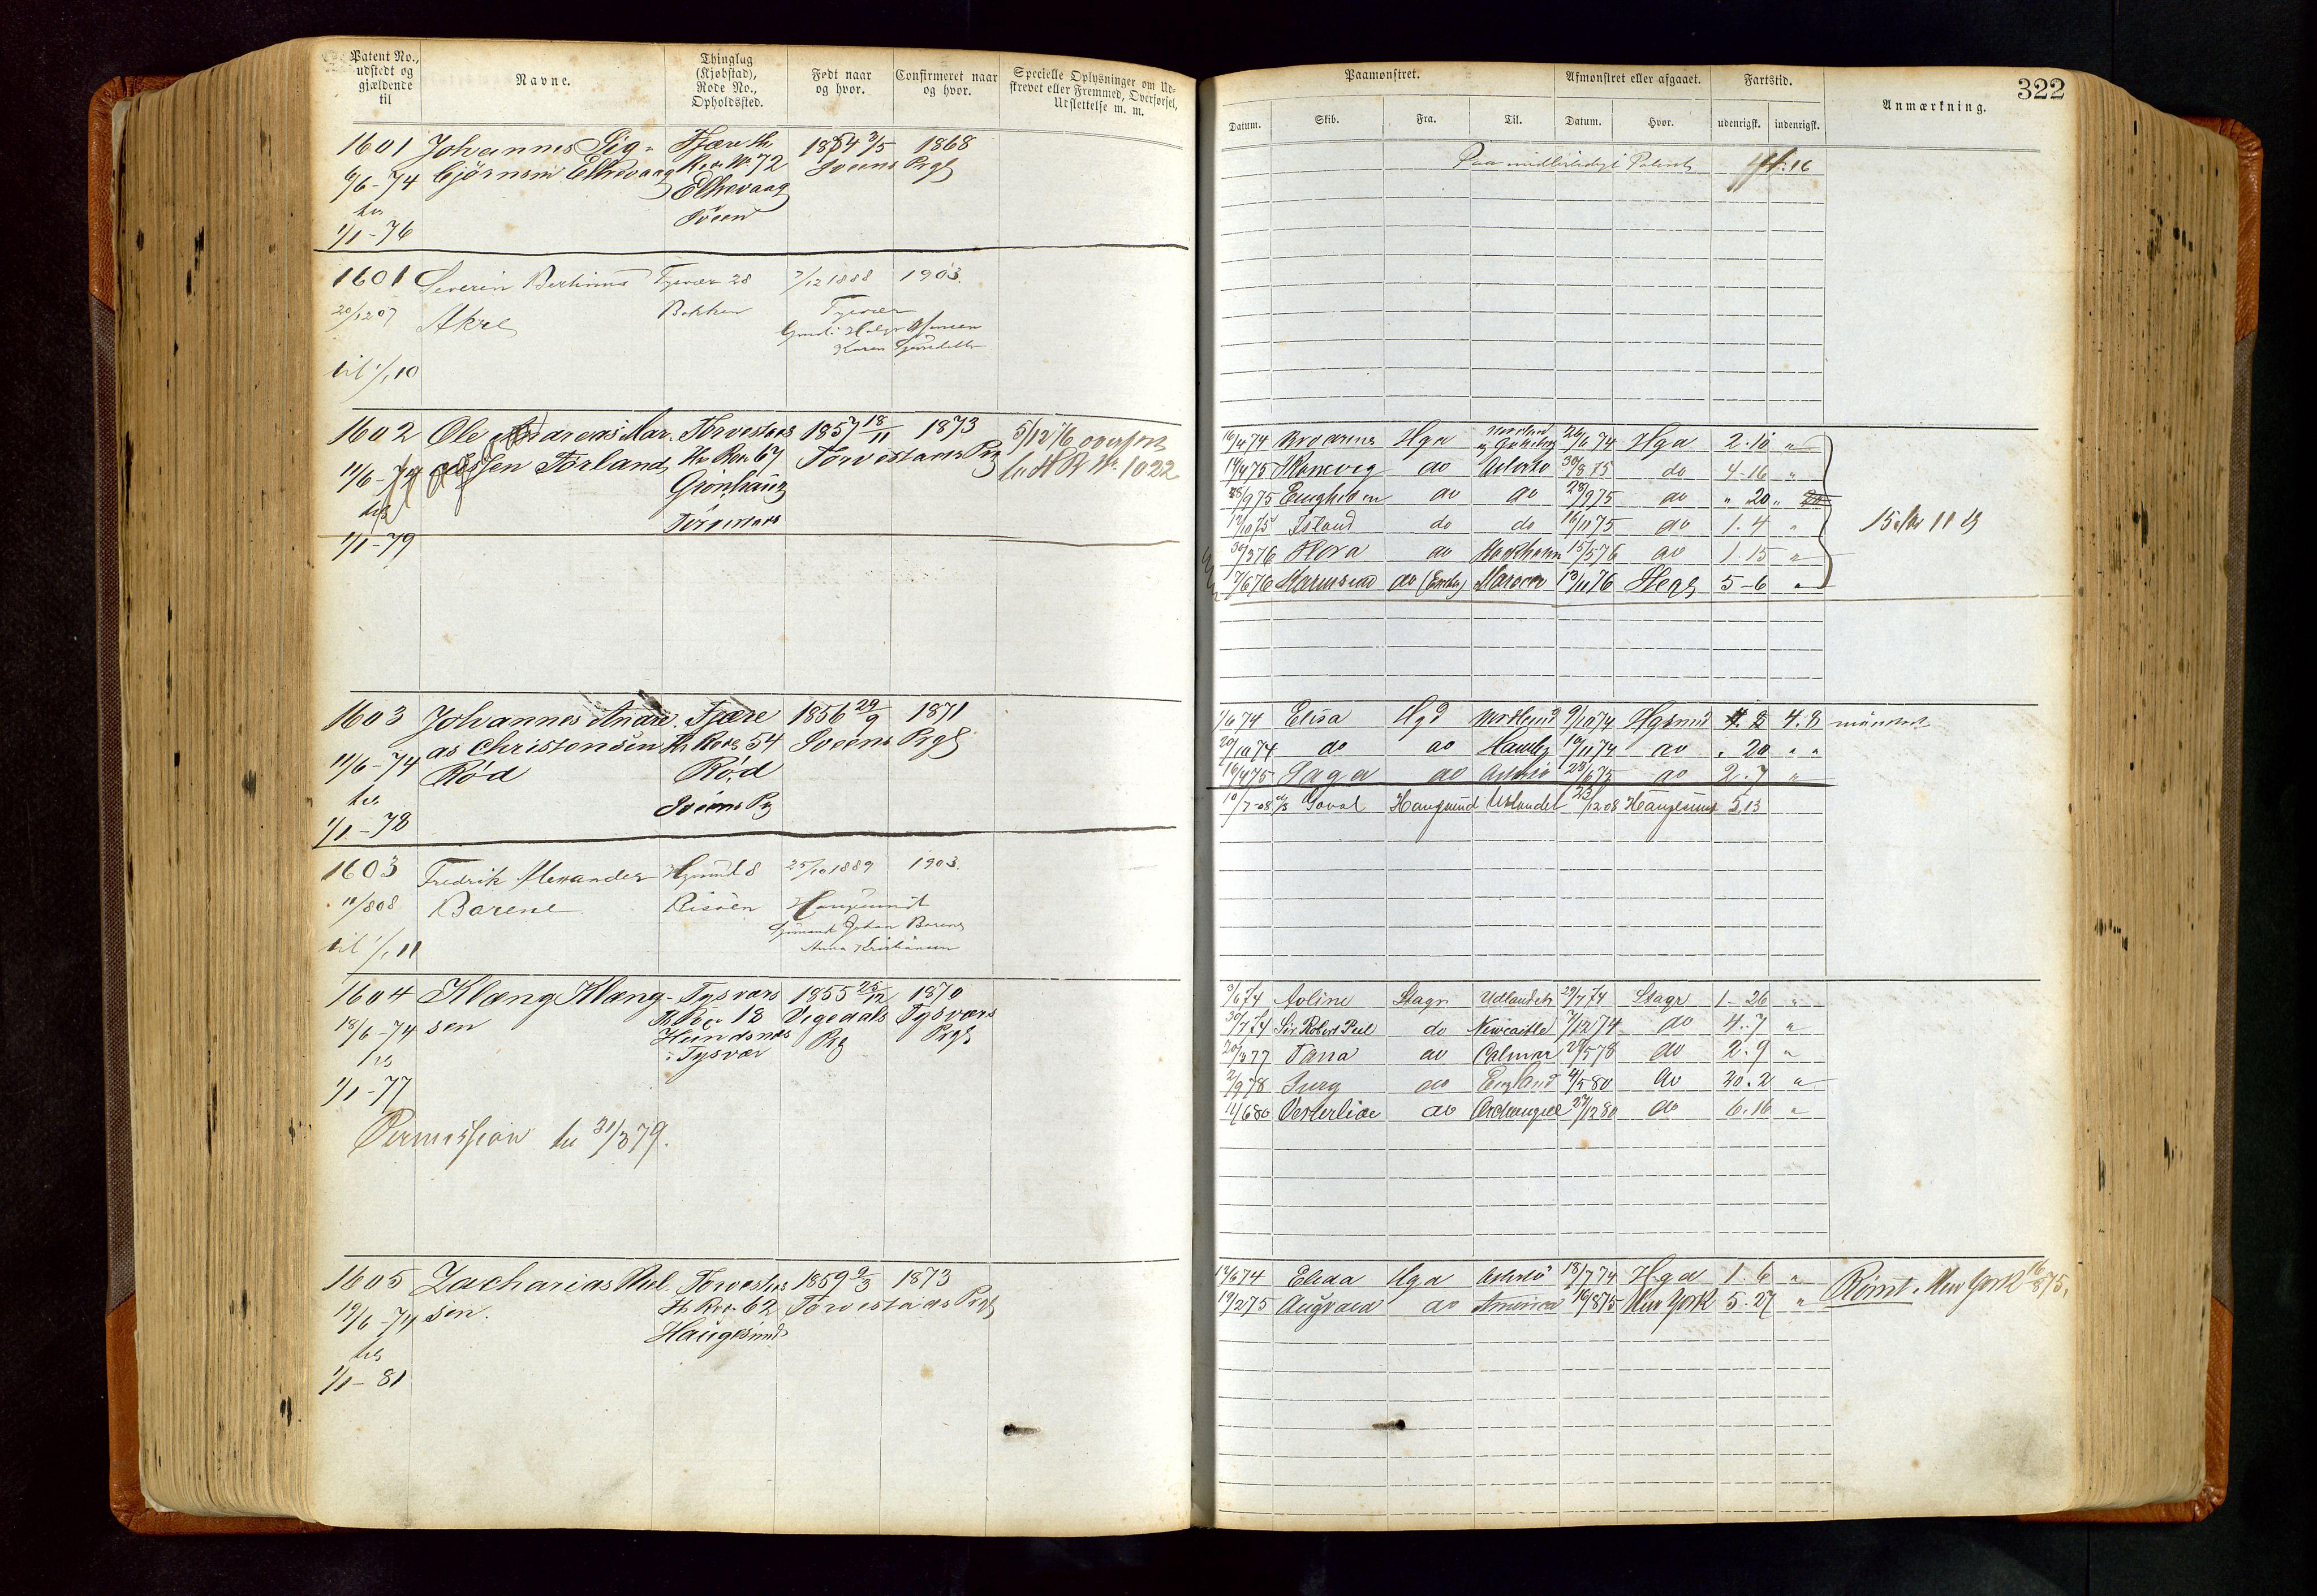 SAST, Haugesund sjømannskontor, F/Ff/L0004: Sjøfartsrulle Haugesund krets nr. 1 - 3586, 1868-1948, s. 322